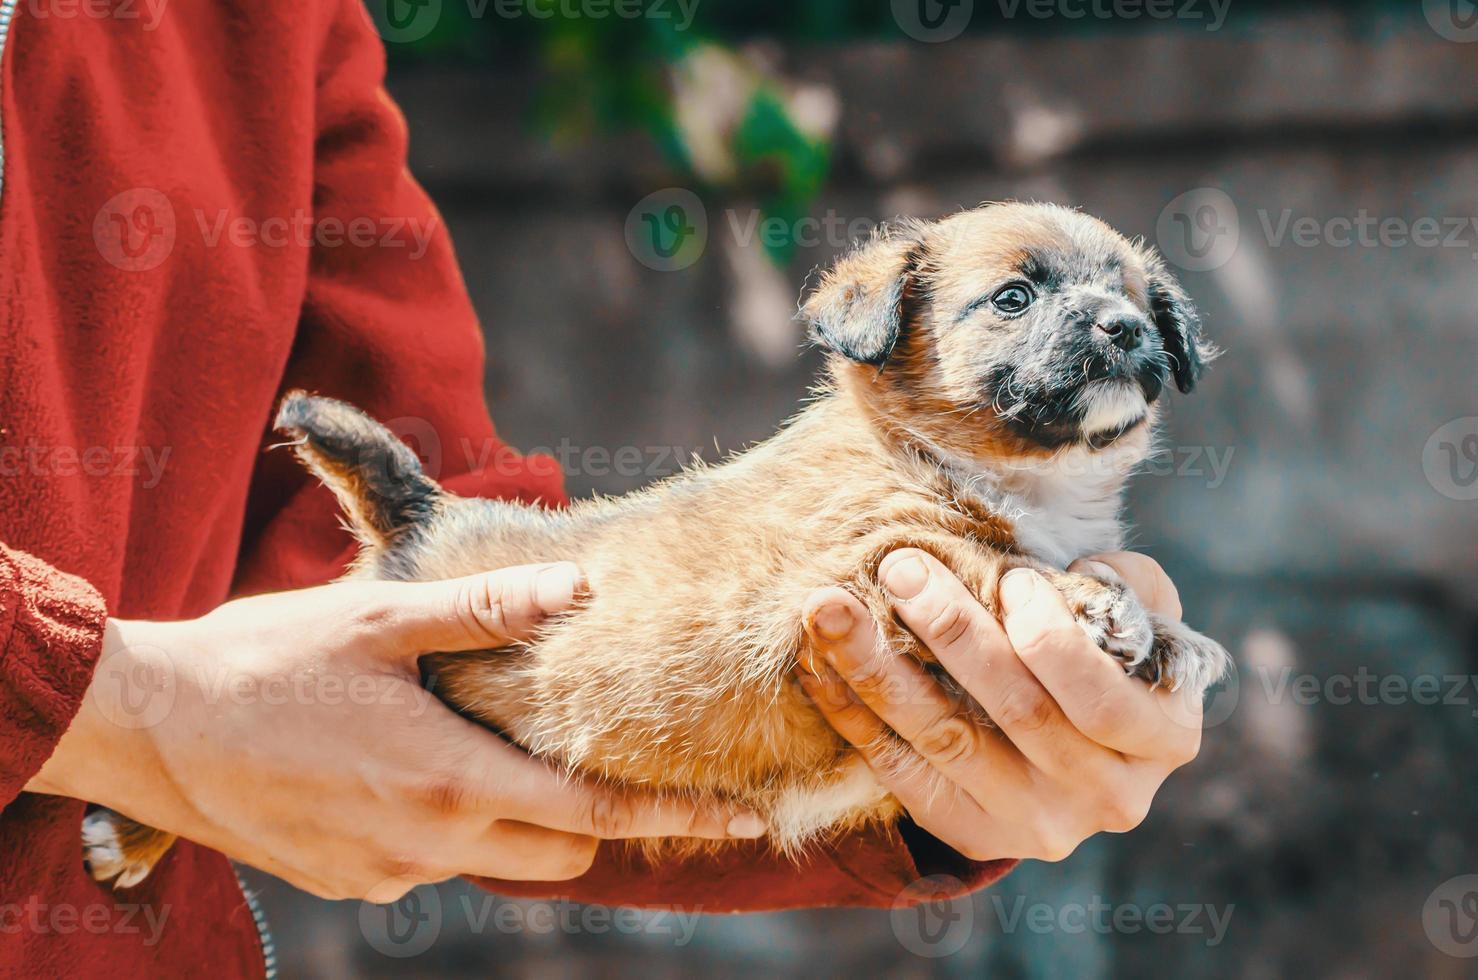 persona sosteniendo un cachorro pequeño foto